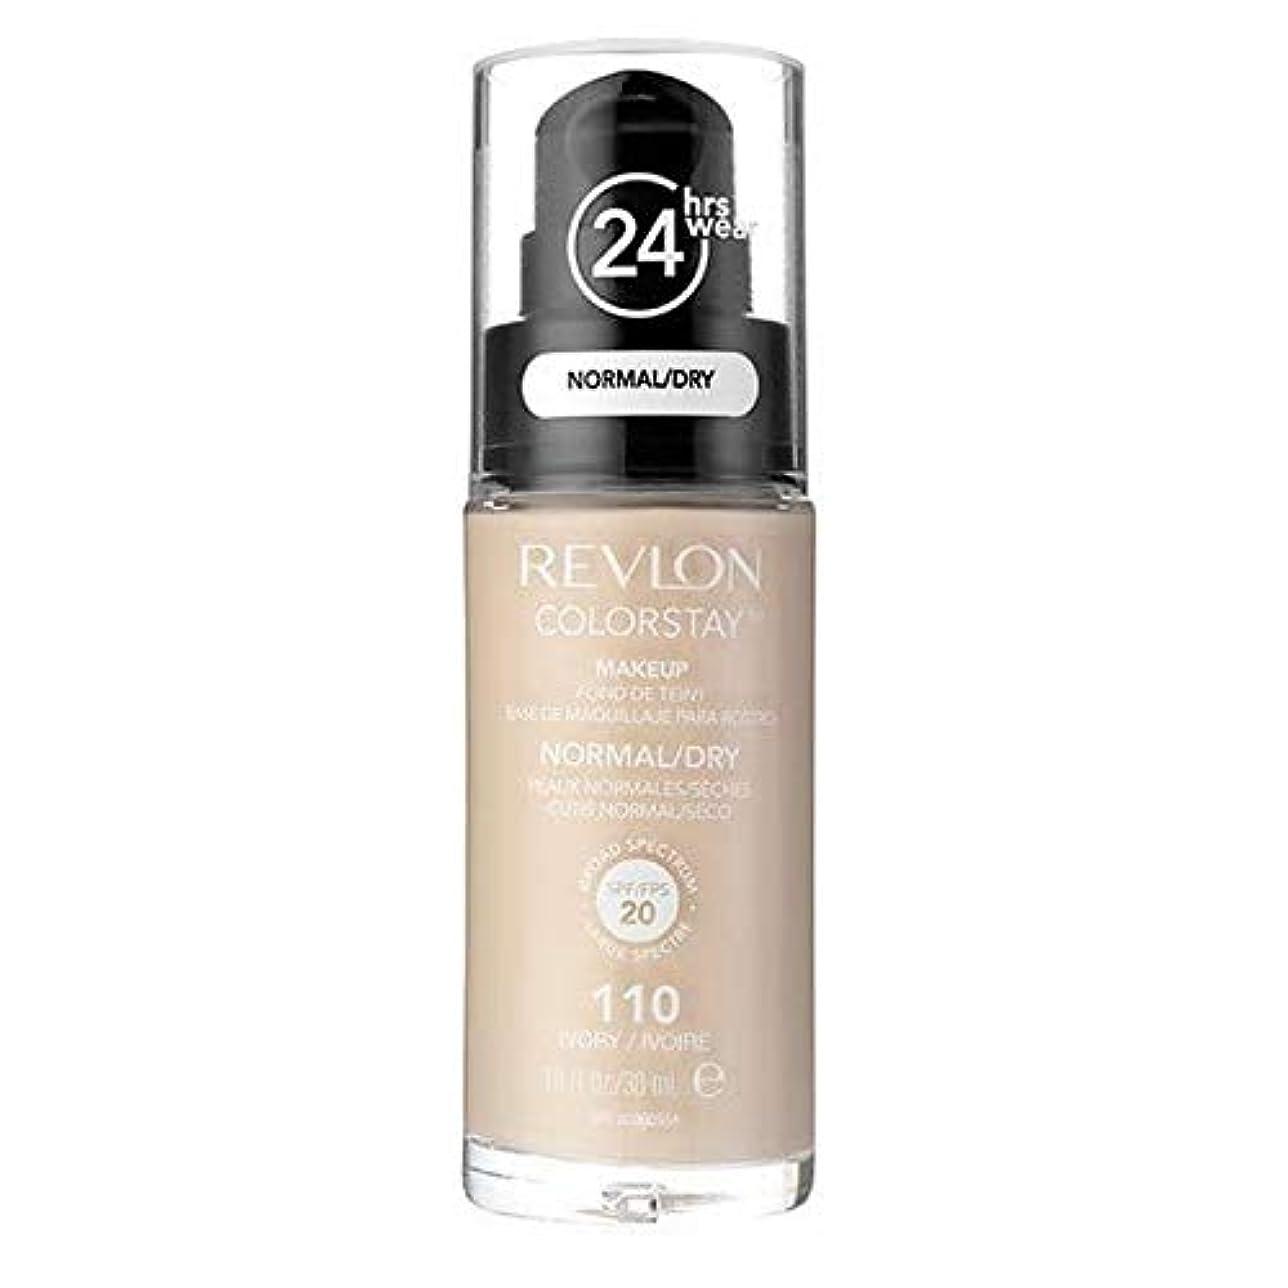 [Revlon ] レブロンカラーステイ基盤ノルム/ドライアイボリー30ミリリットル - Revlon Color Stay Foundation Norm/Dry Ivory 30ml [並行輸入品]